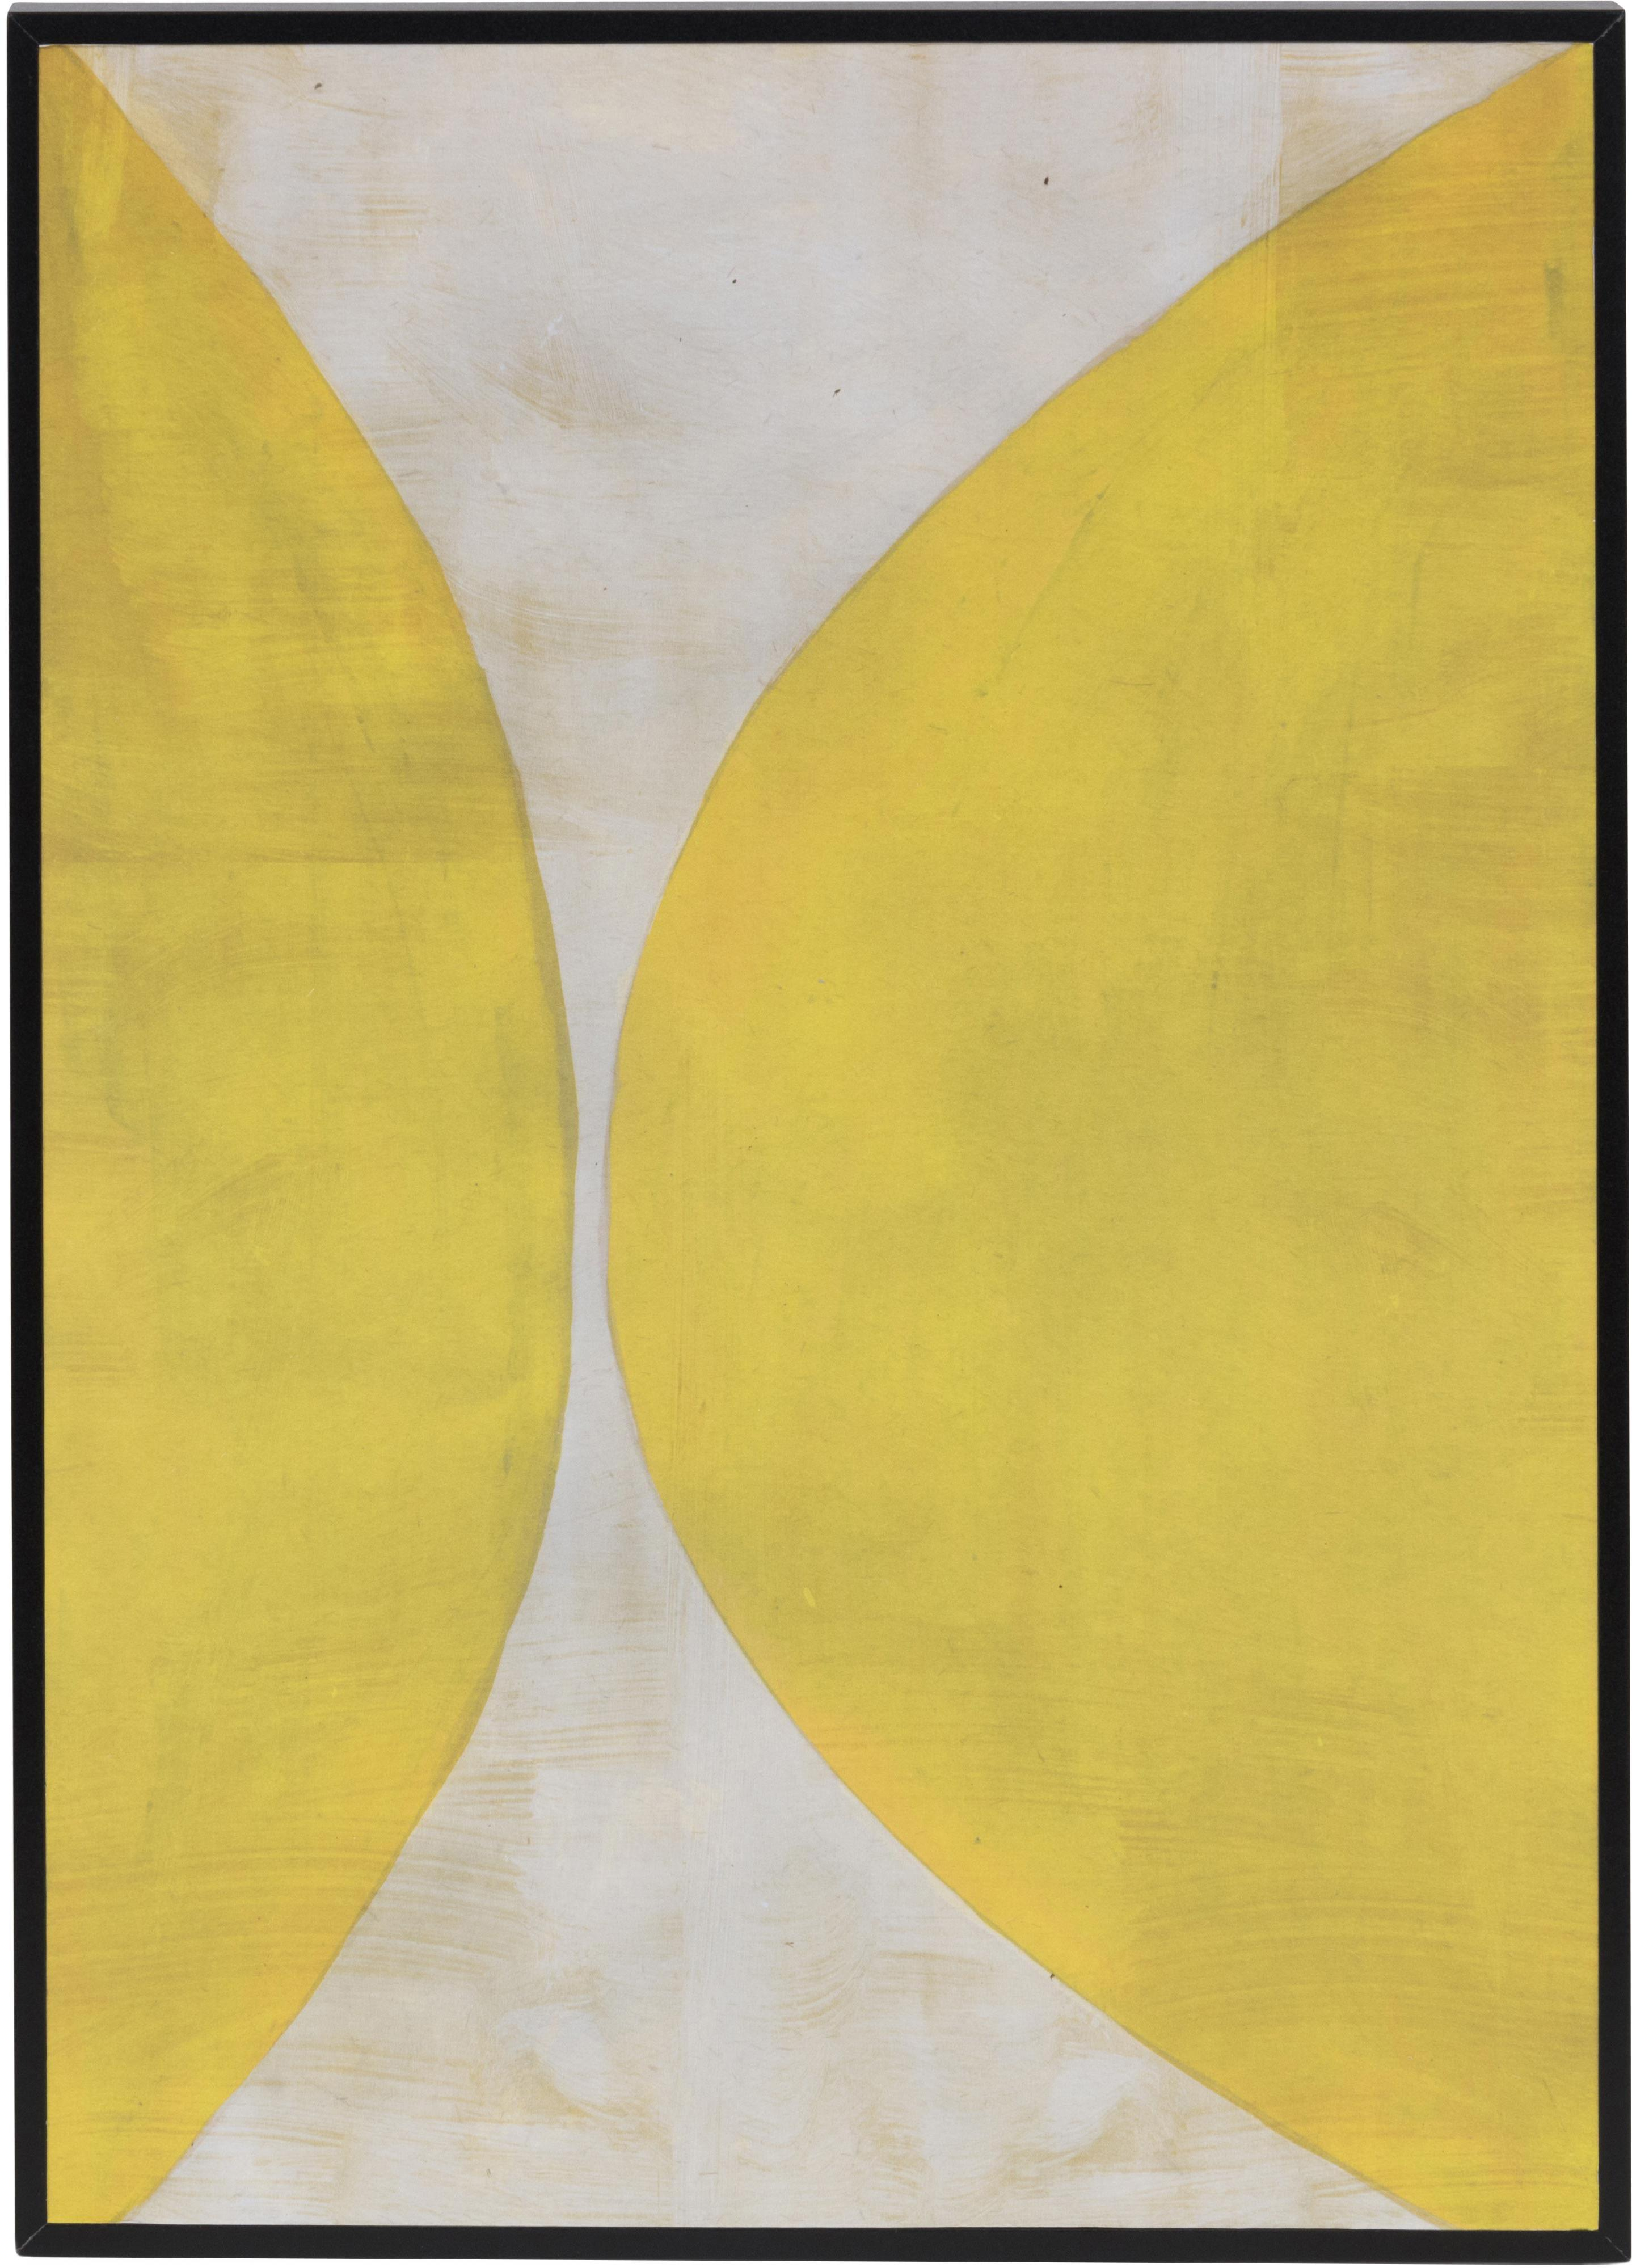 Ingelijste digitale print Reri, Lijst: MDF, gecoat, Geel, crèmekleurig, 25 x 35 cm